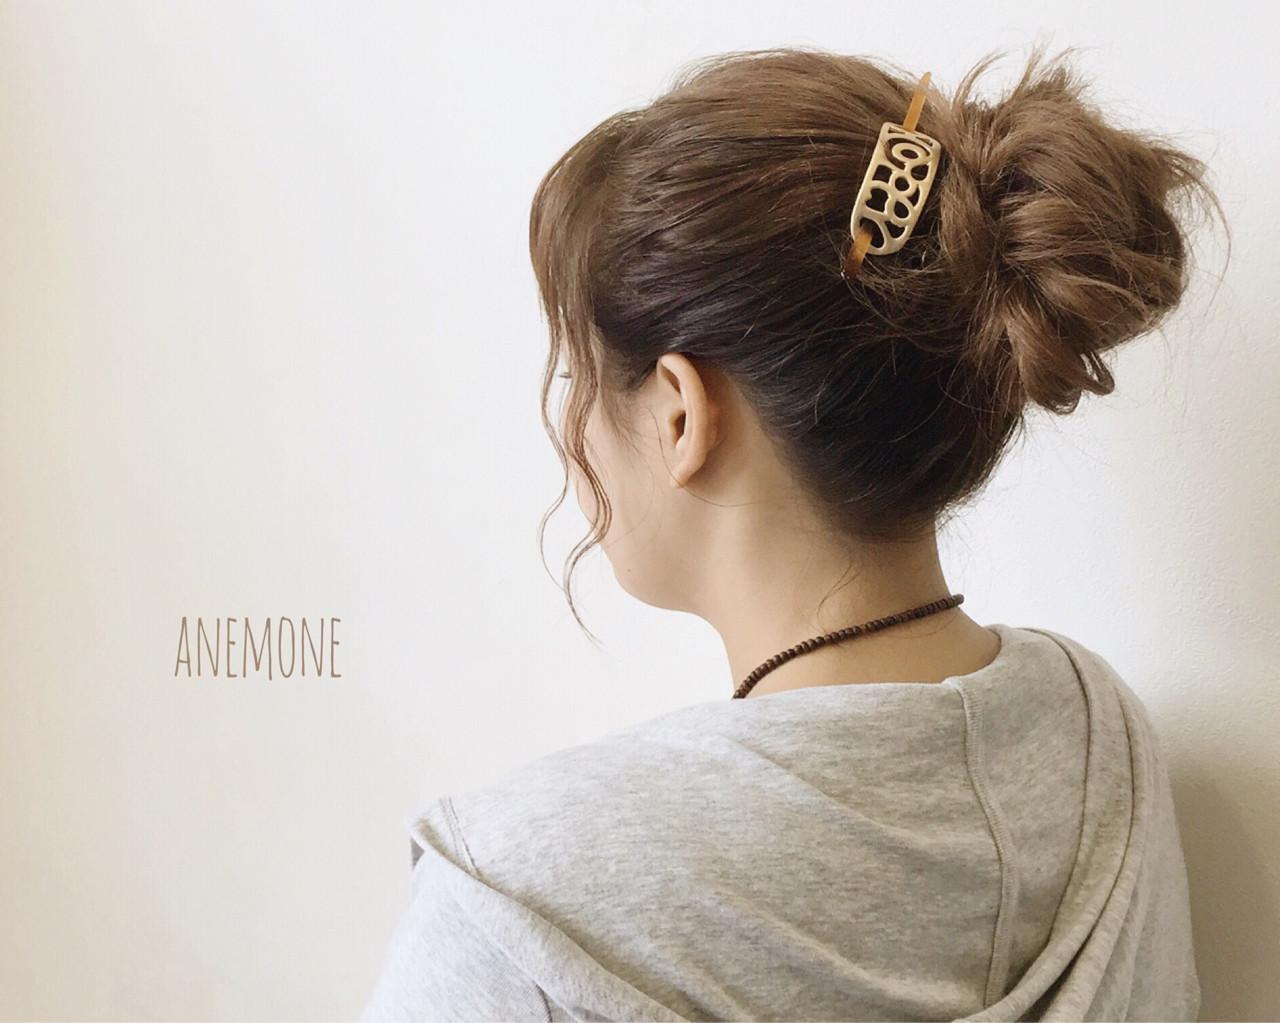 あざとかわいい♡お団子ヘアで簡単かわいいヘアアレンジに仕上げる!の16枚目の画像